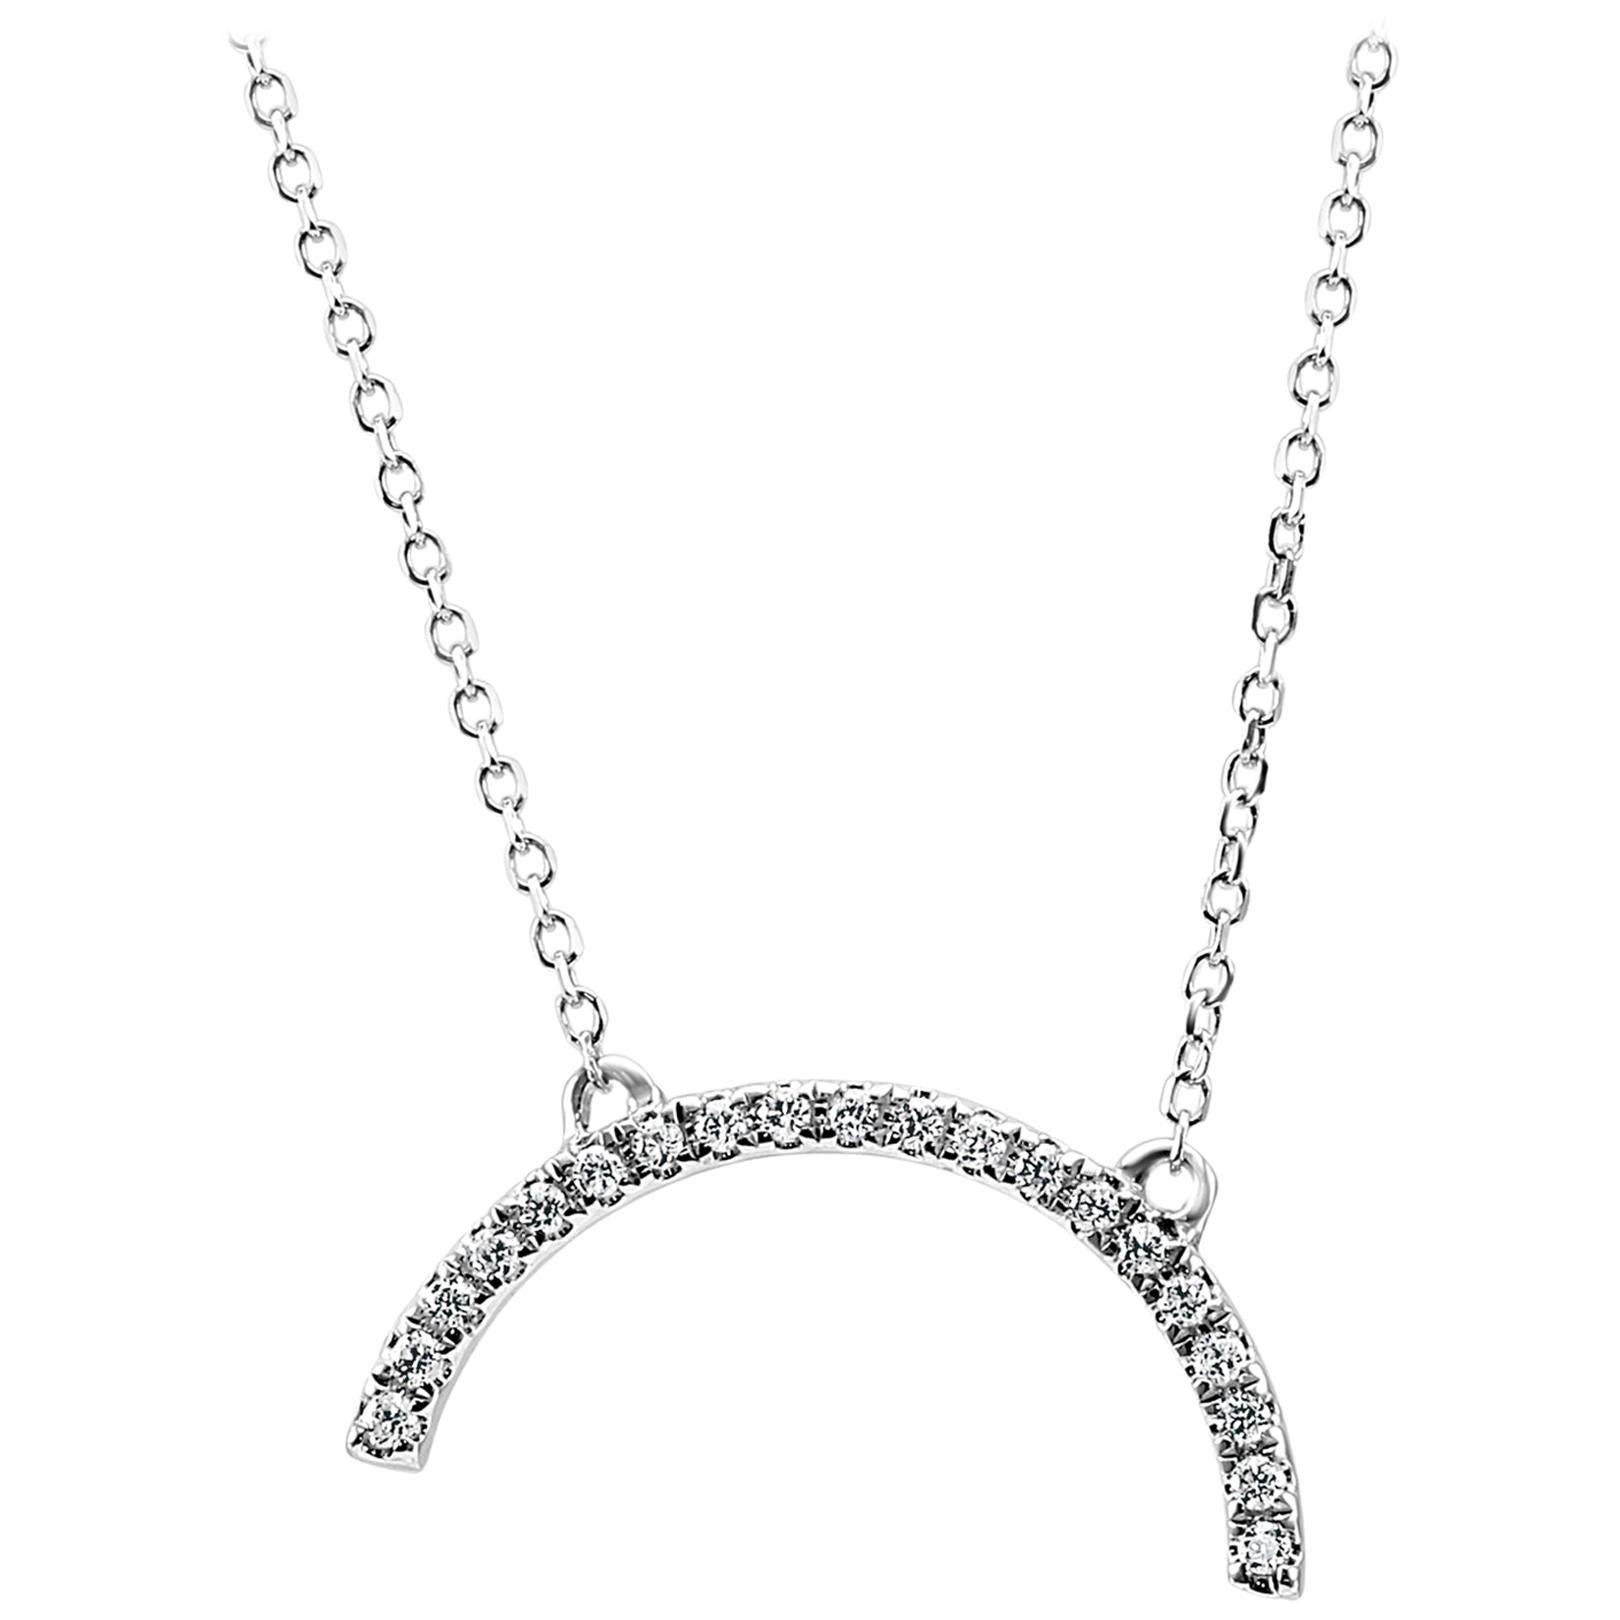 White Diamond Round White Gold Fashion Drop Pendant Chain Necklace